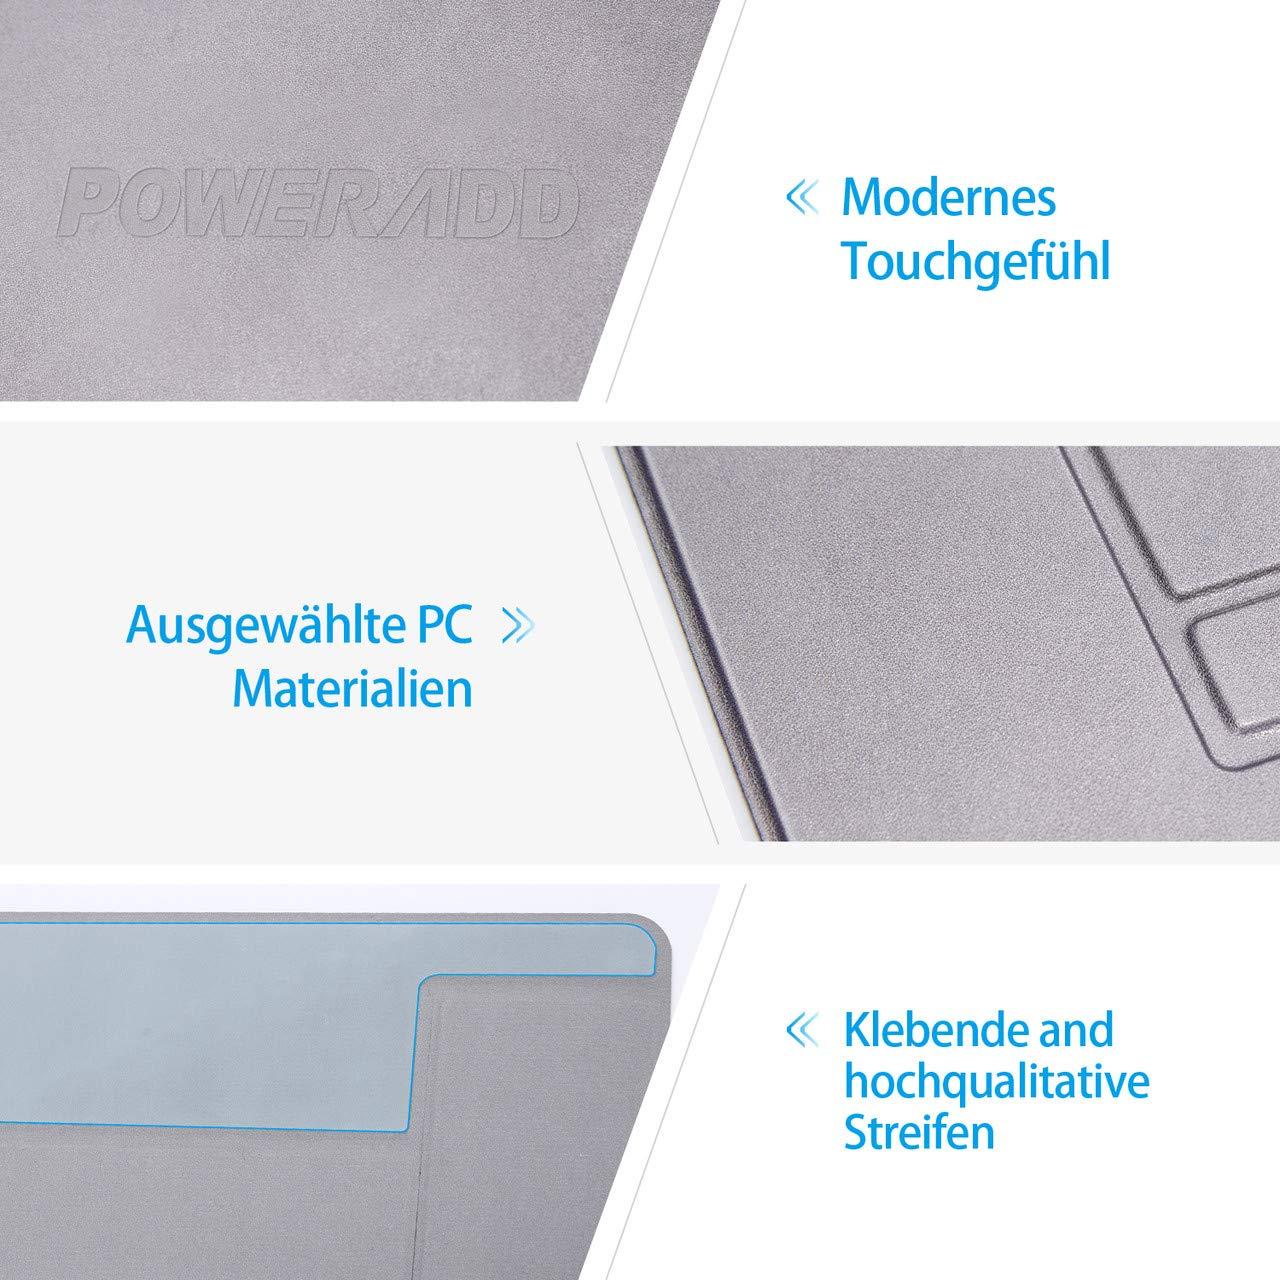 POWERADD unsichtbarer Laptopständer Invisible Notebook Ständer verstellbar, Tragfähigkeit bis 10kg, ideal für unterwegs, grau